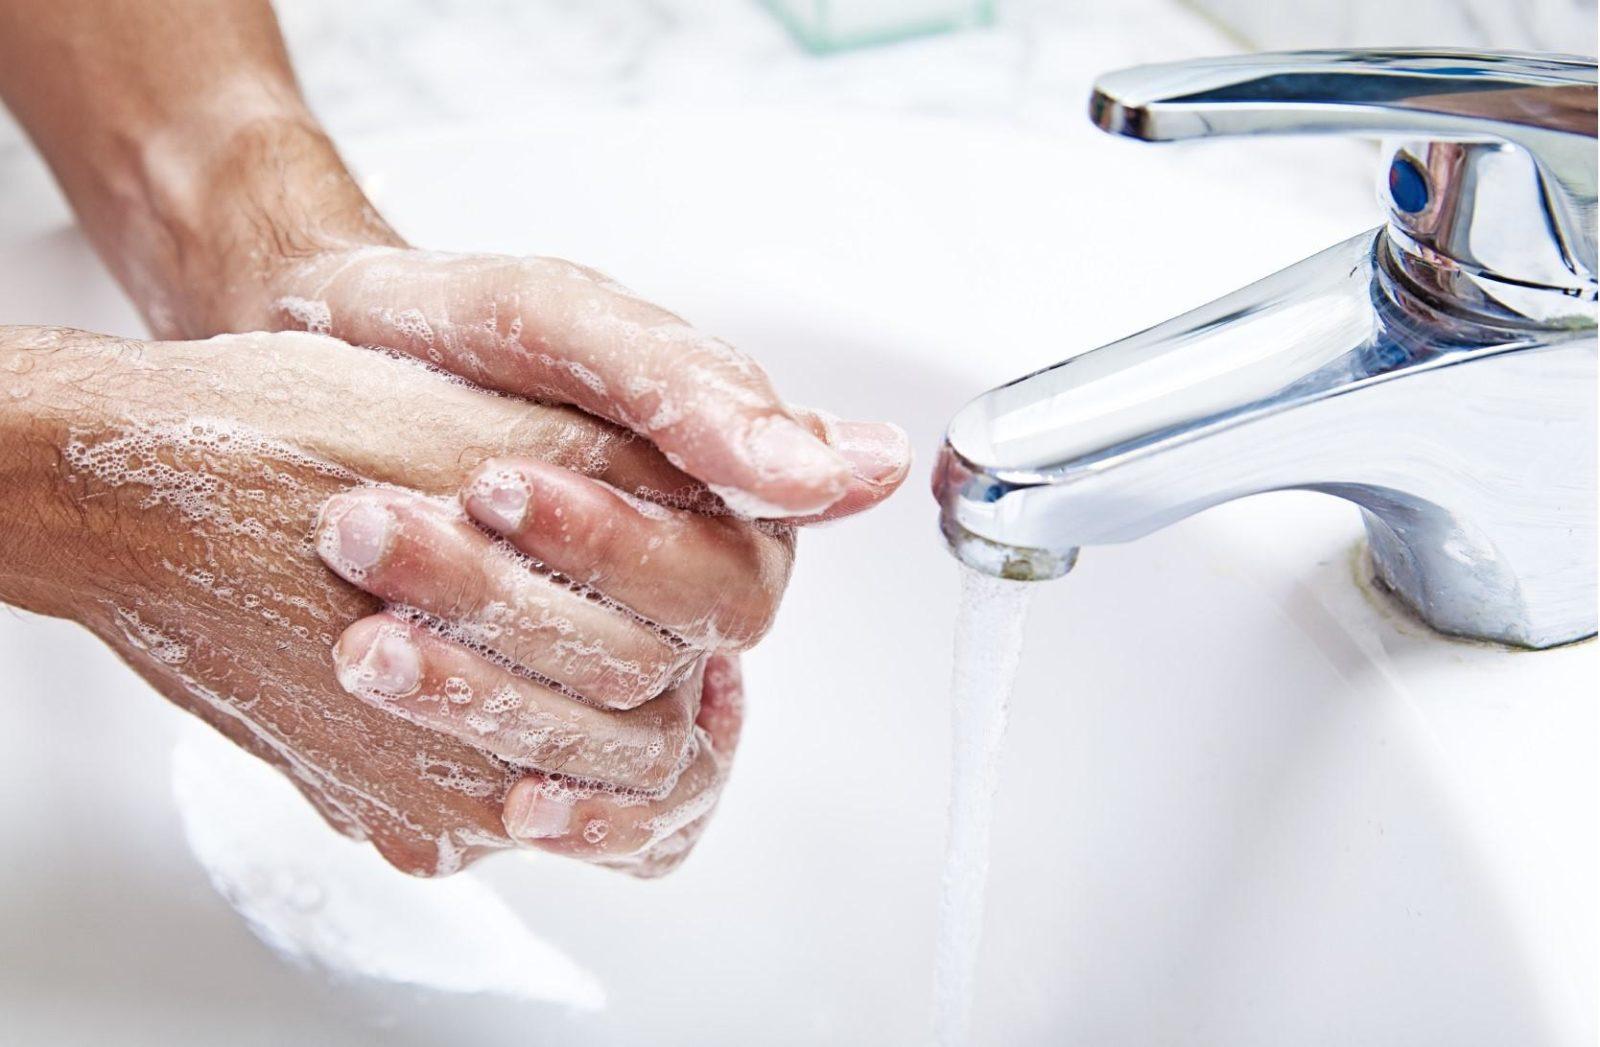 Як правильно мити руки в картинках для дітей. Схема миття рук-наочний матеріал для дошкільнят схема миття рук для старшої групи